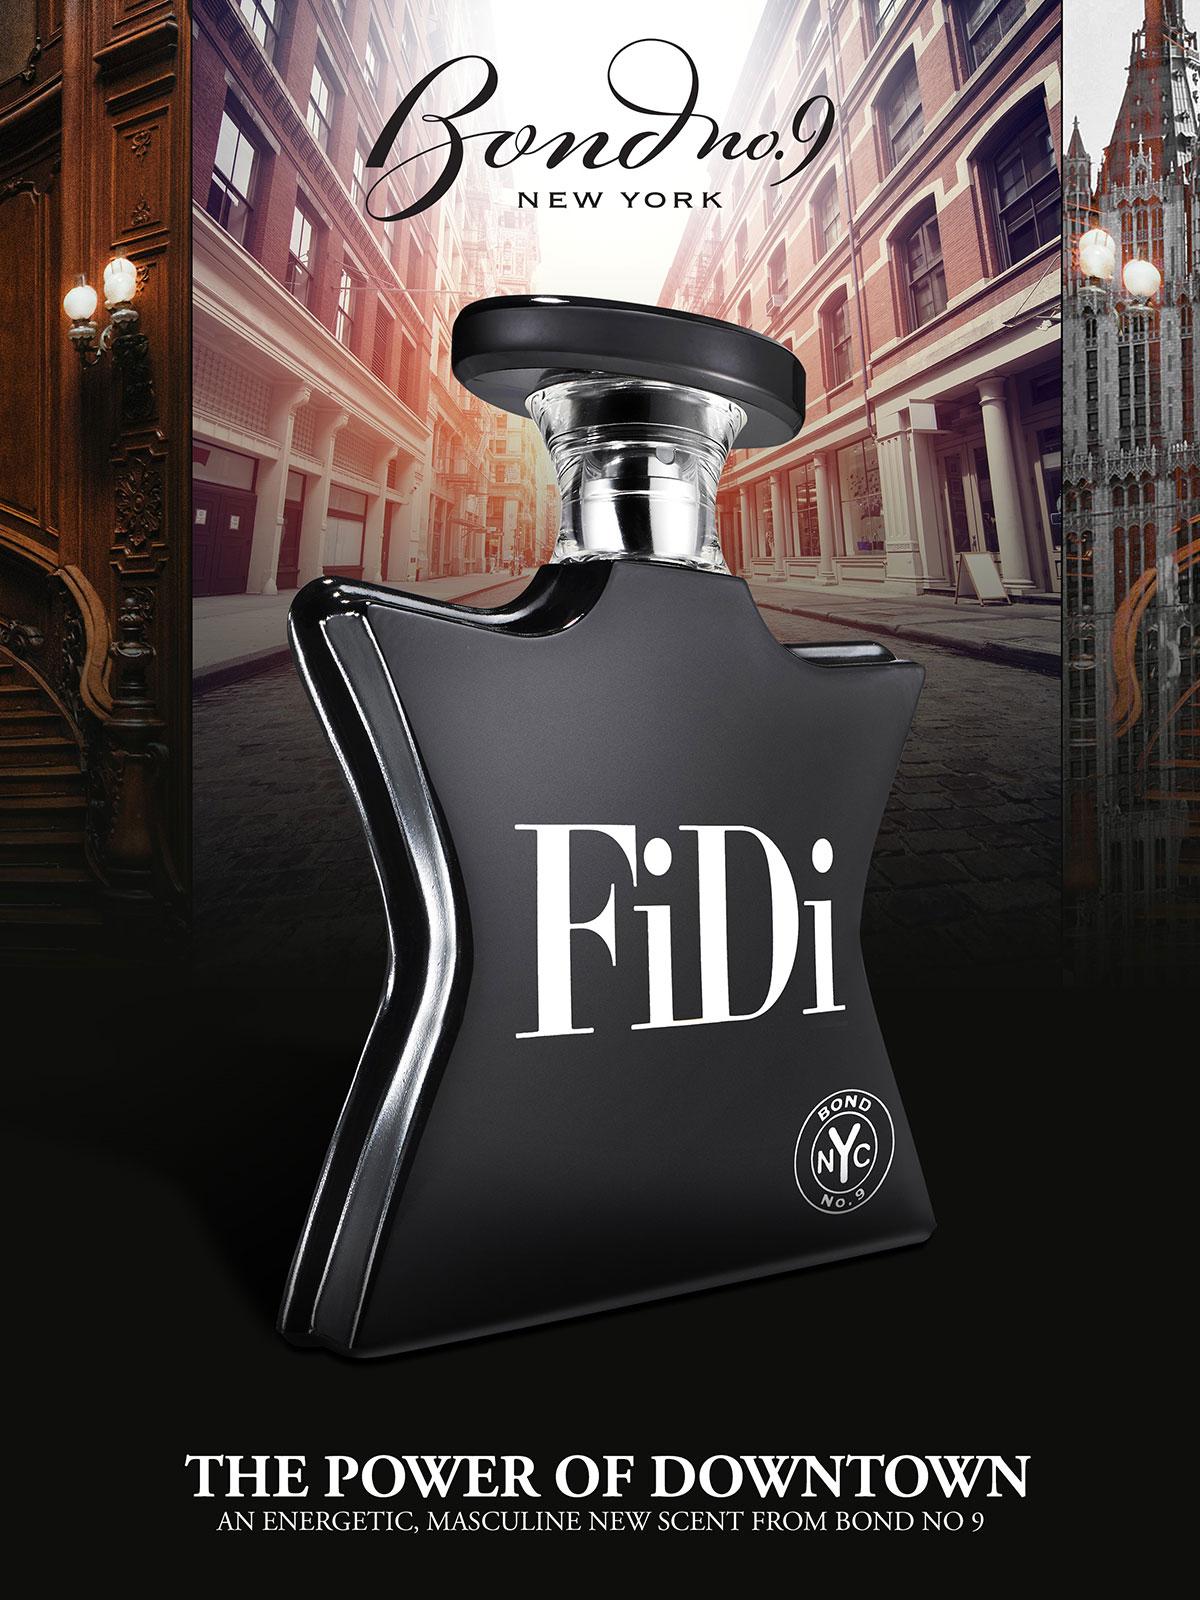 Ein Bild eines Bond No.9 Parfum Visuals